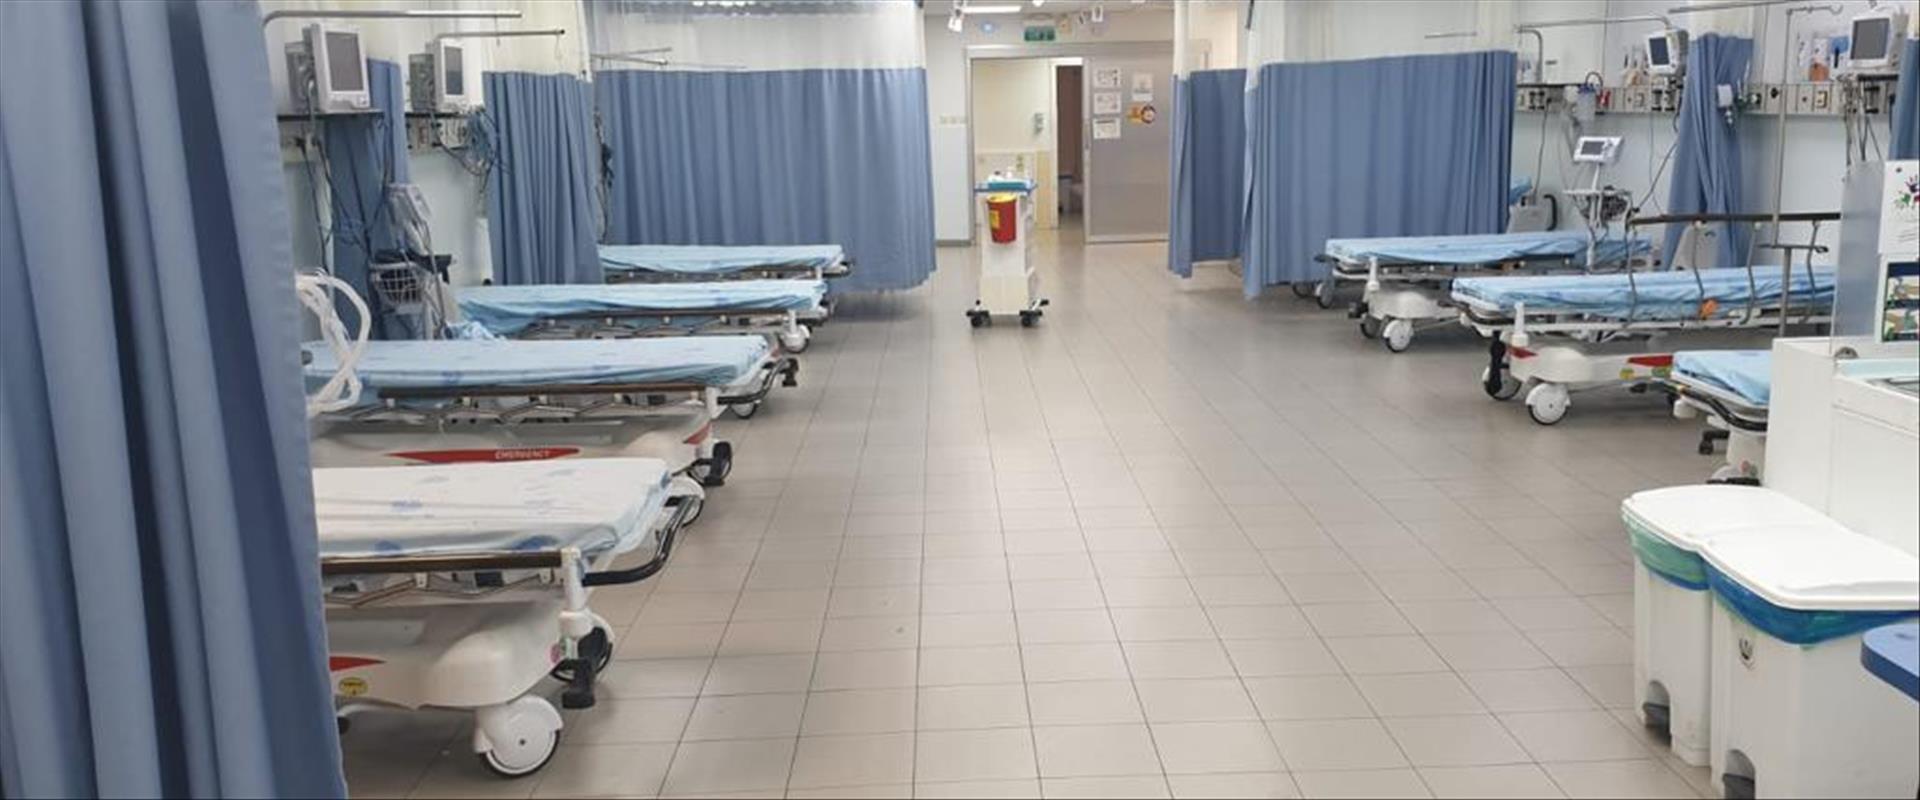 בית החולים לניאדו, היום